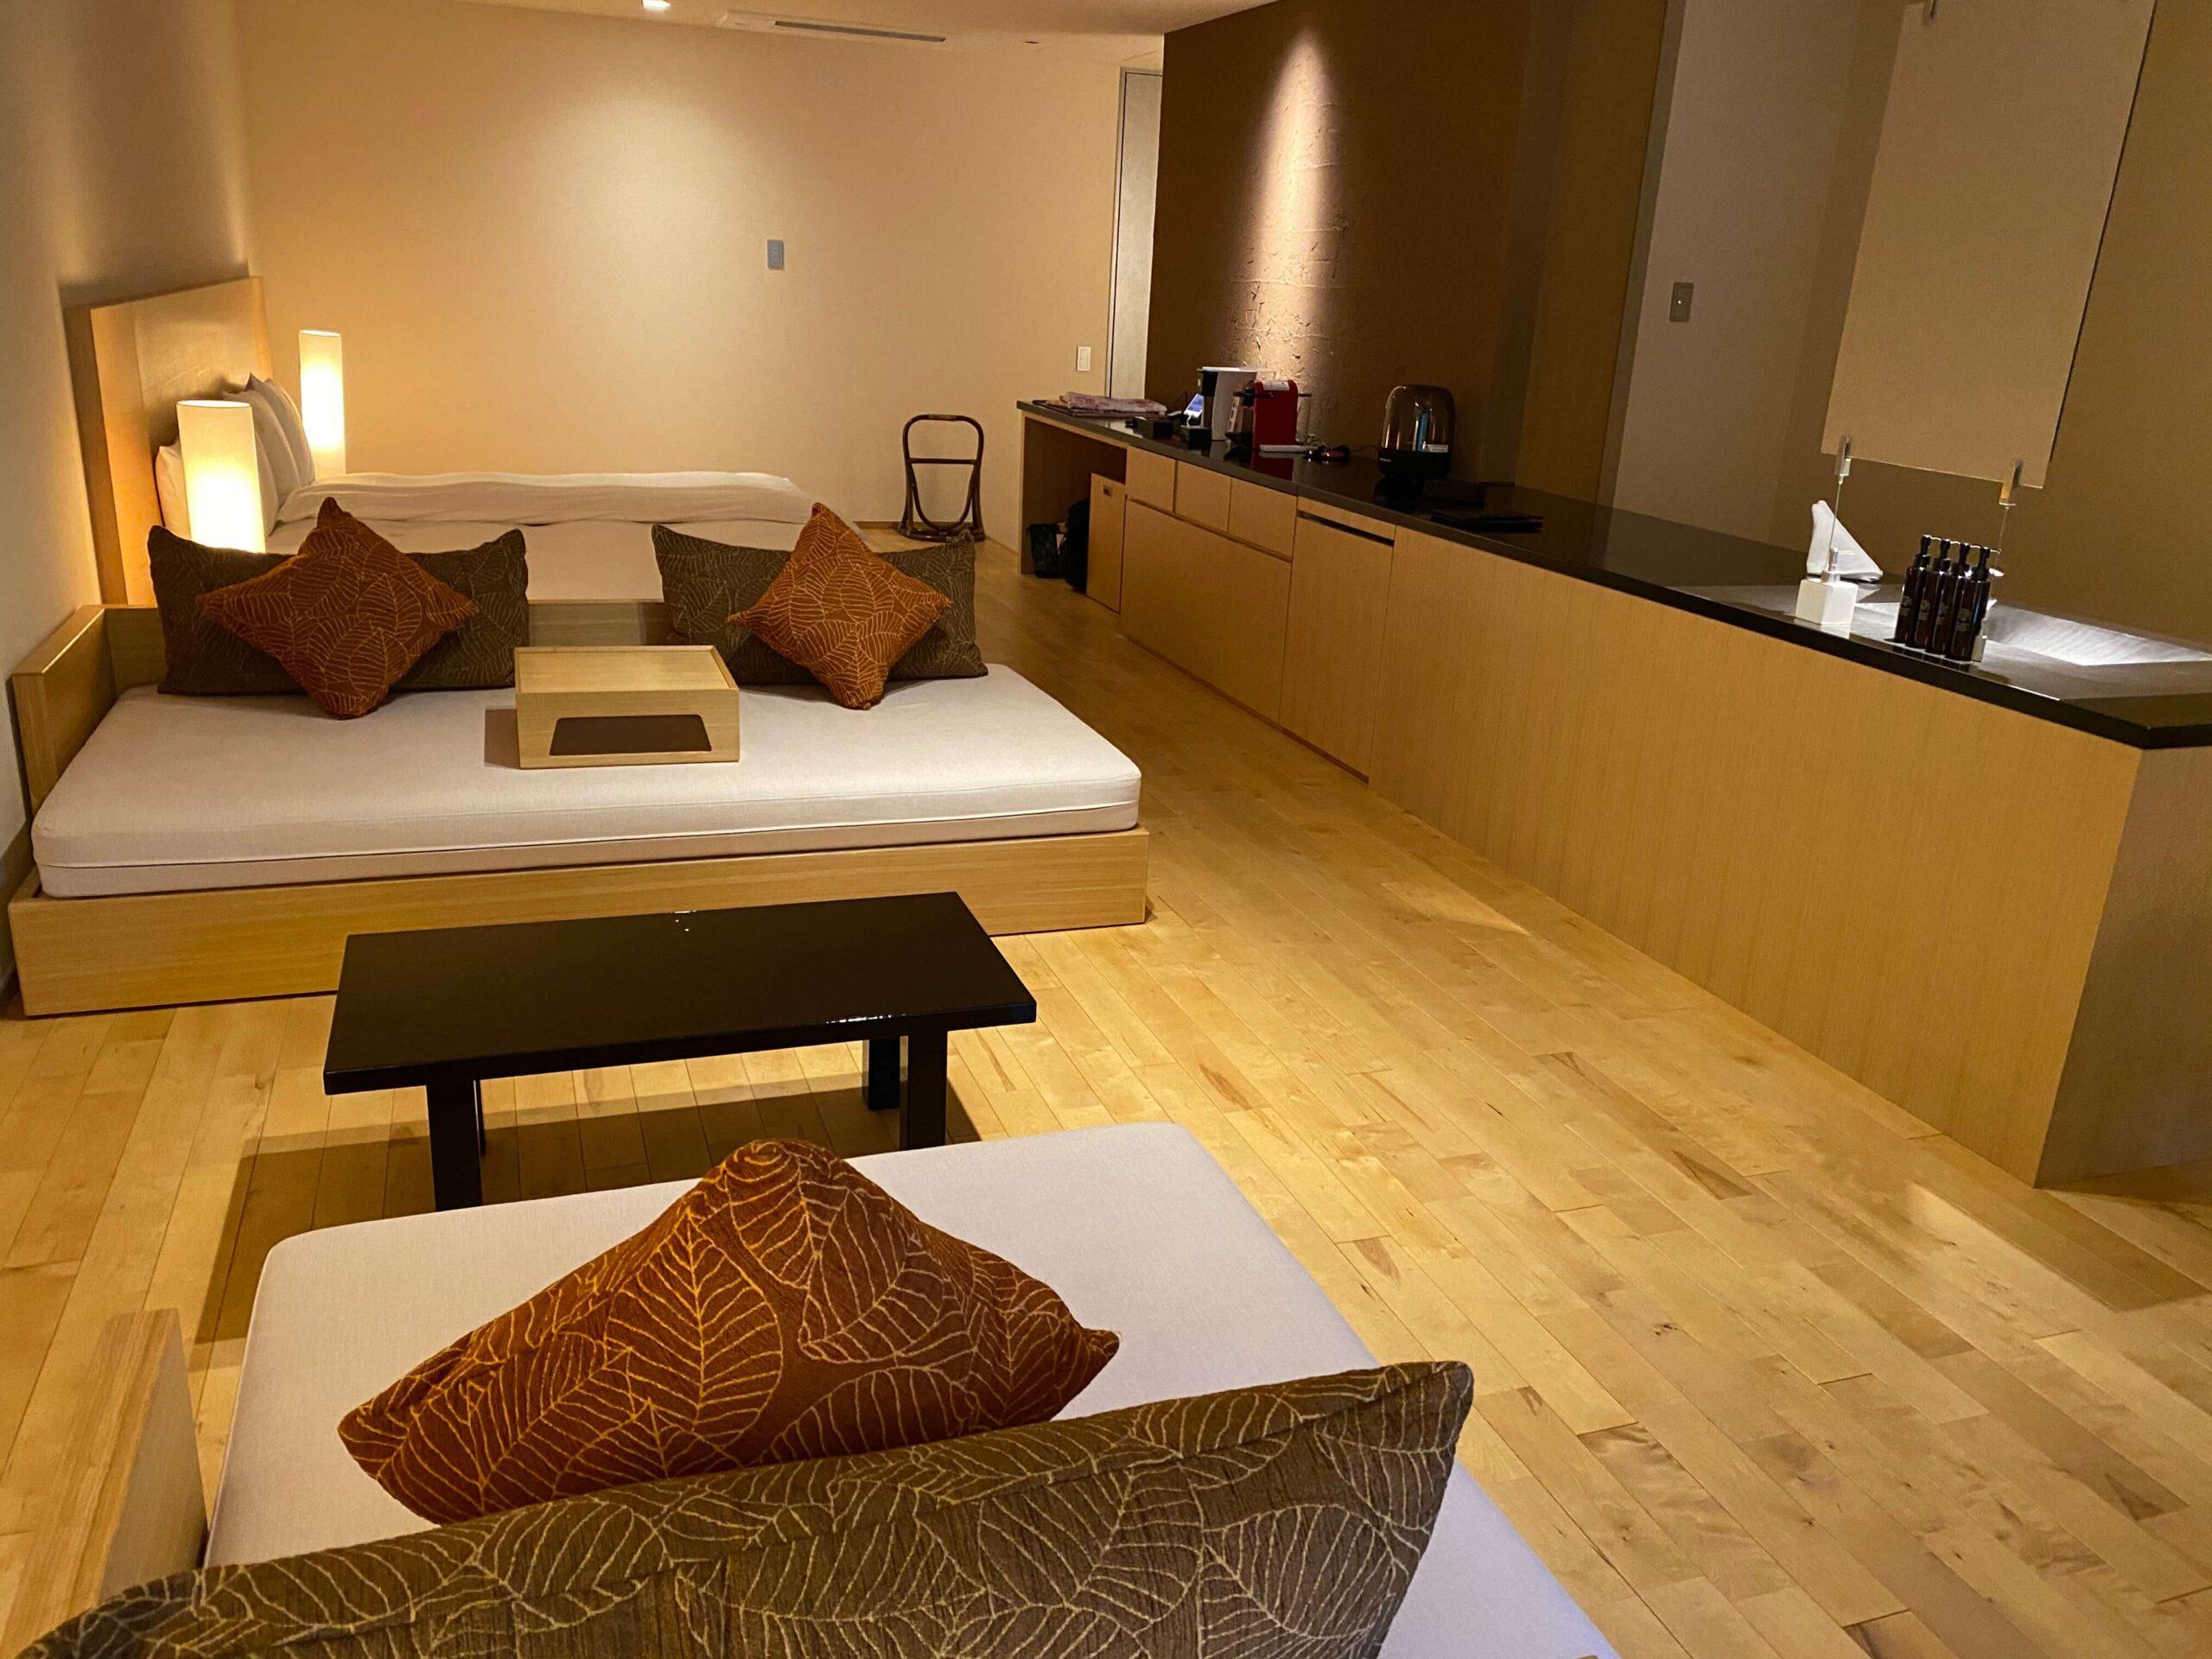 箱根の高級旅館:金の竹塔ノ沢グラブフロア雲のお部屋(慶太ブログ)